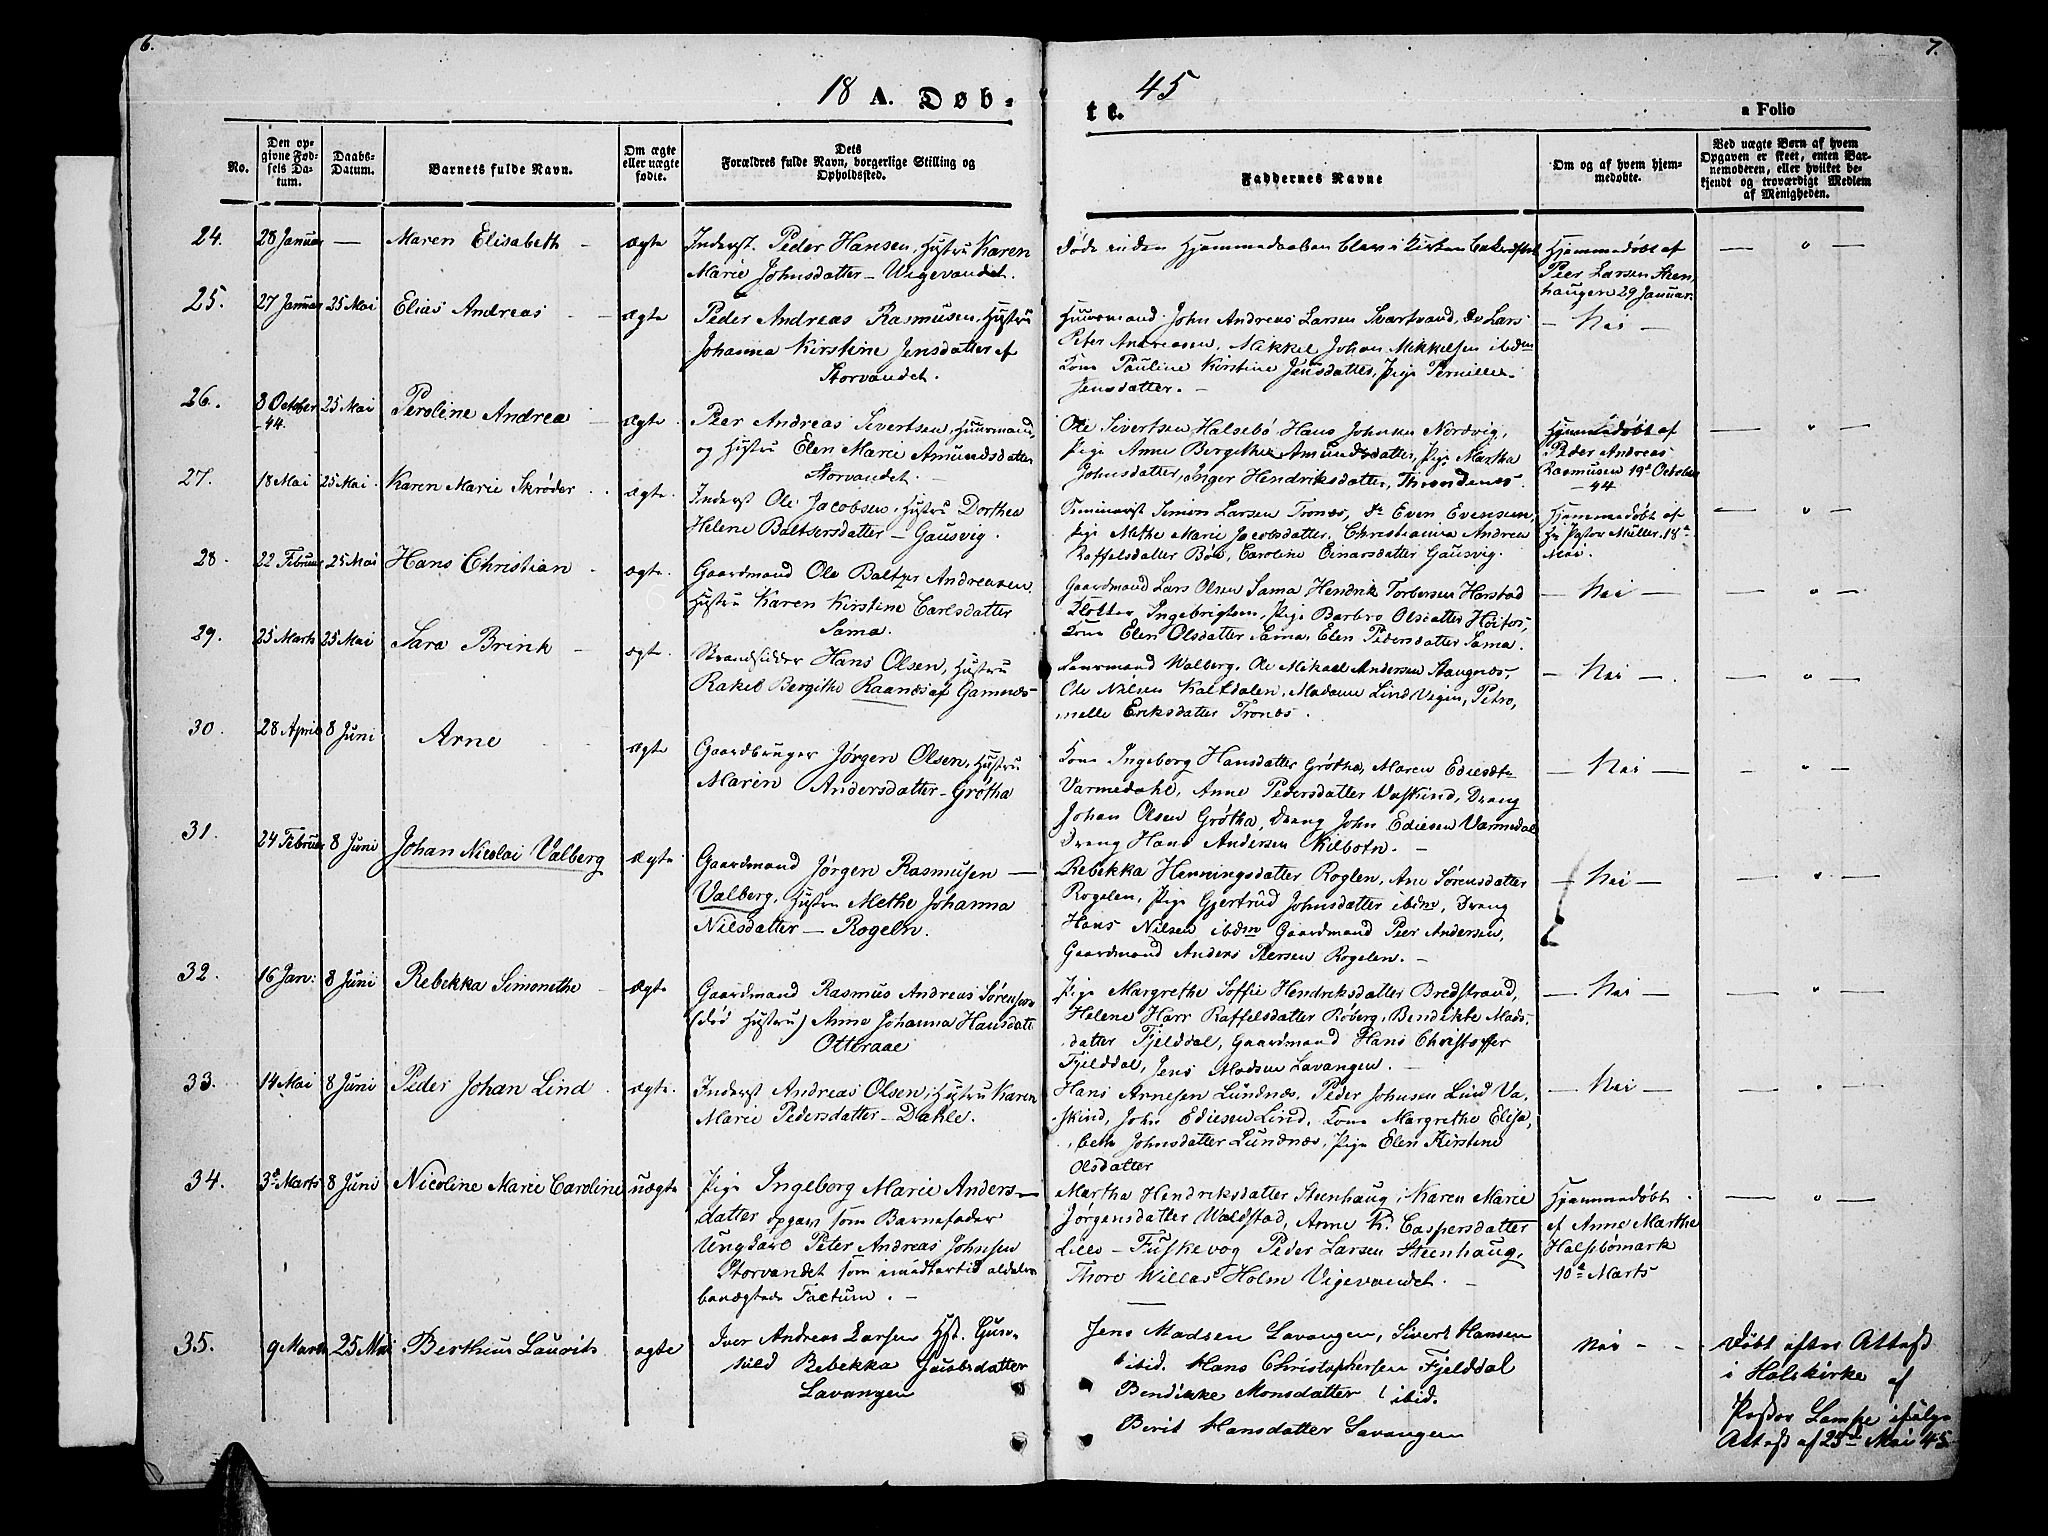 SATØ, Trondenes sokneprestkontor, H/Hb/L0006klokker: Klokkerbok nr. 6, 1845-1855, s. 6-7